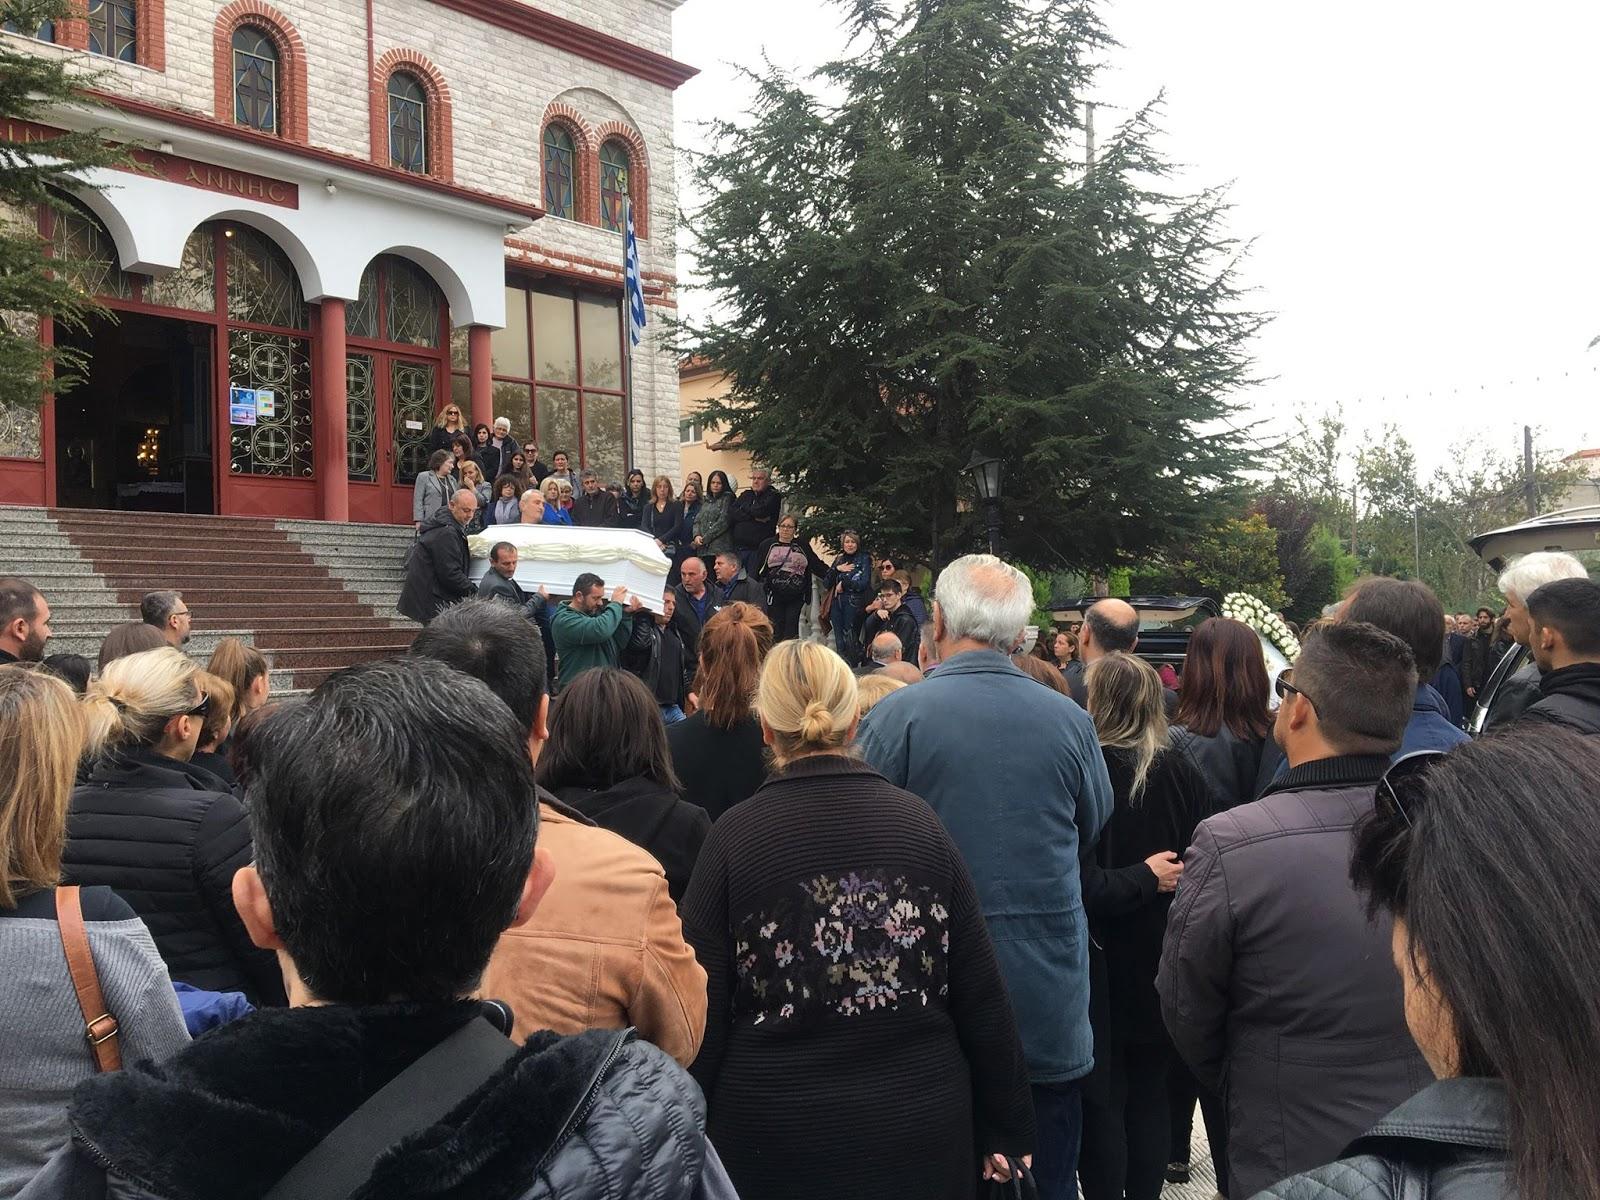 Ανείπωτη θλίψη στην κηδεία της 17χρονης και της μητέρας της που έπεσαν σε χαράδρα - Τραγική φιγούρα ο Ελασσονίτης πατέρας της (φωτο)